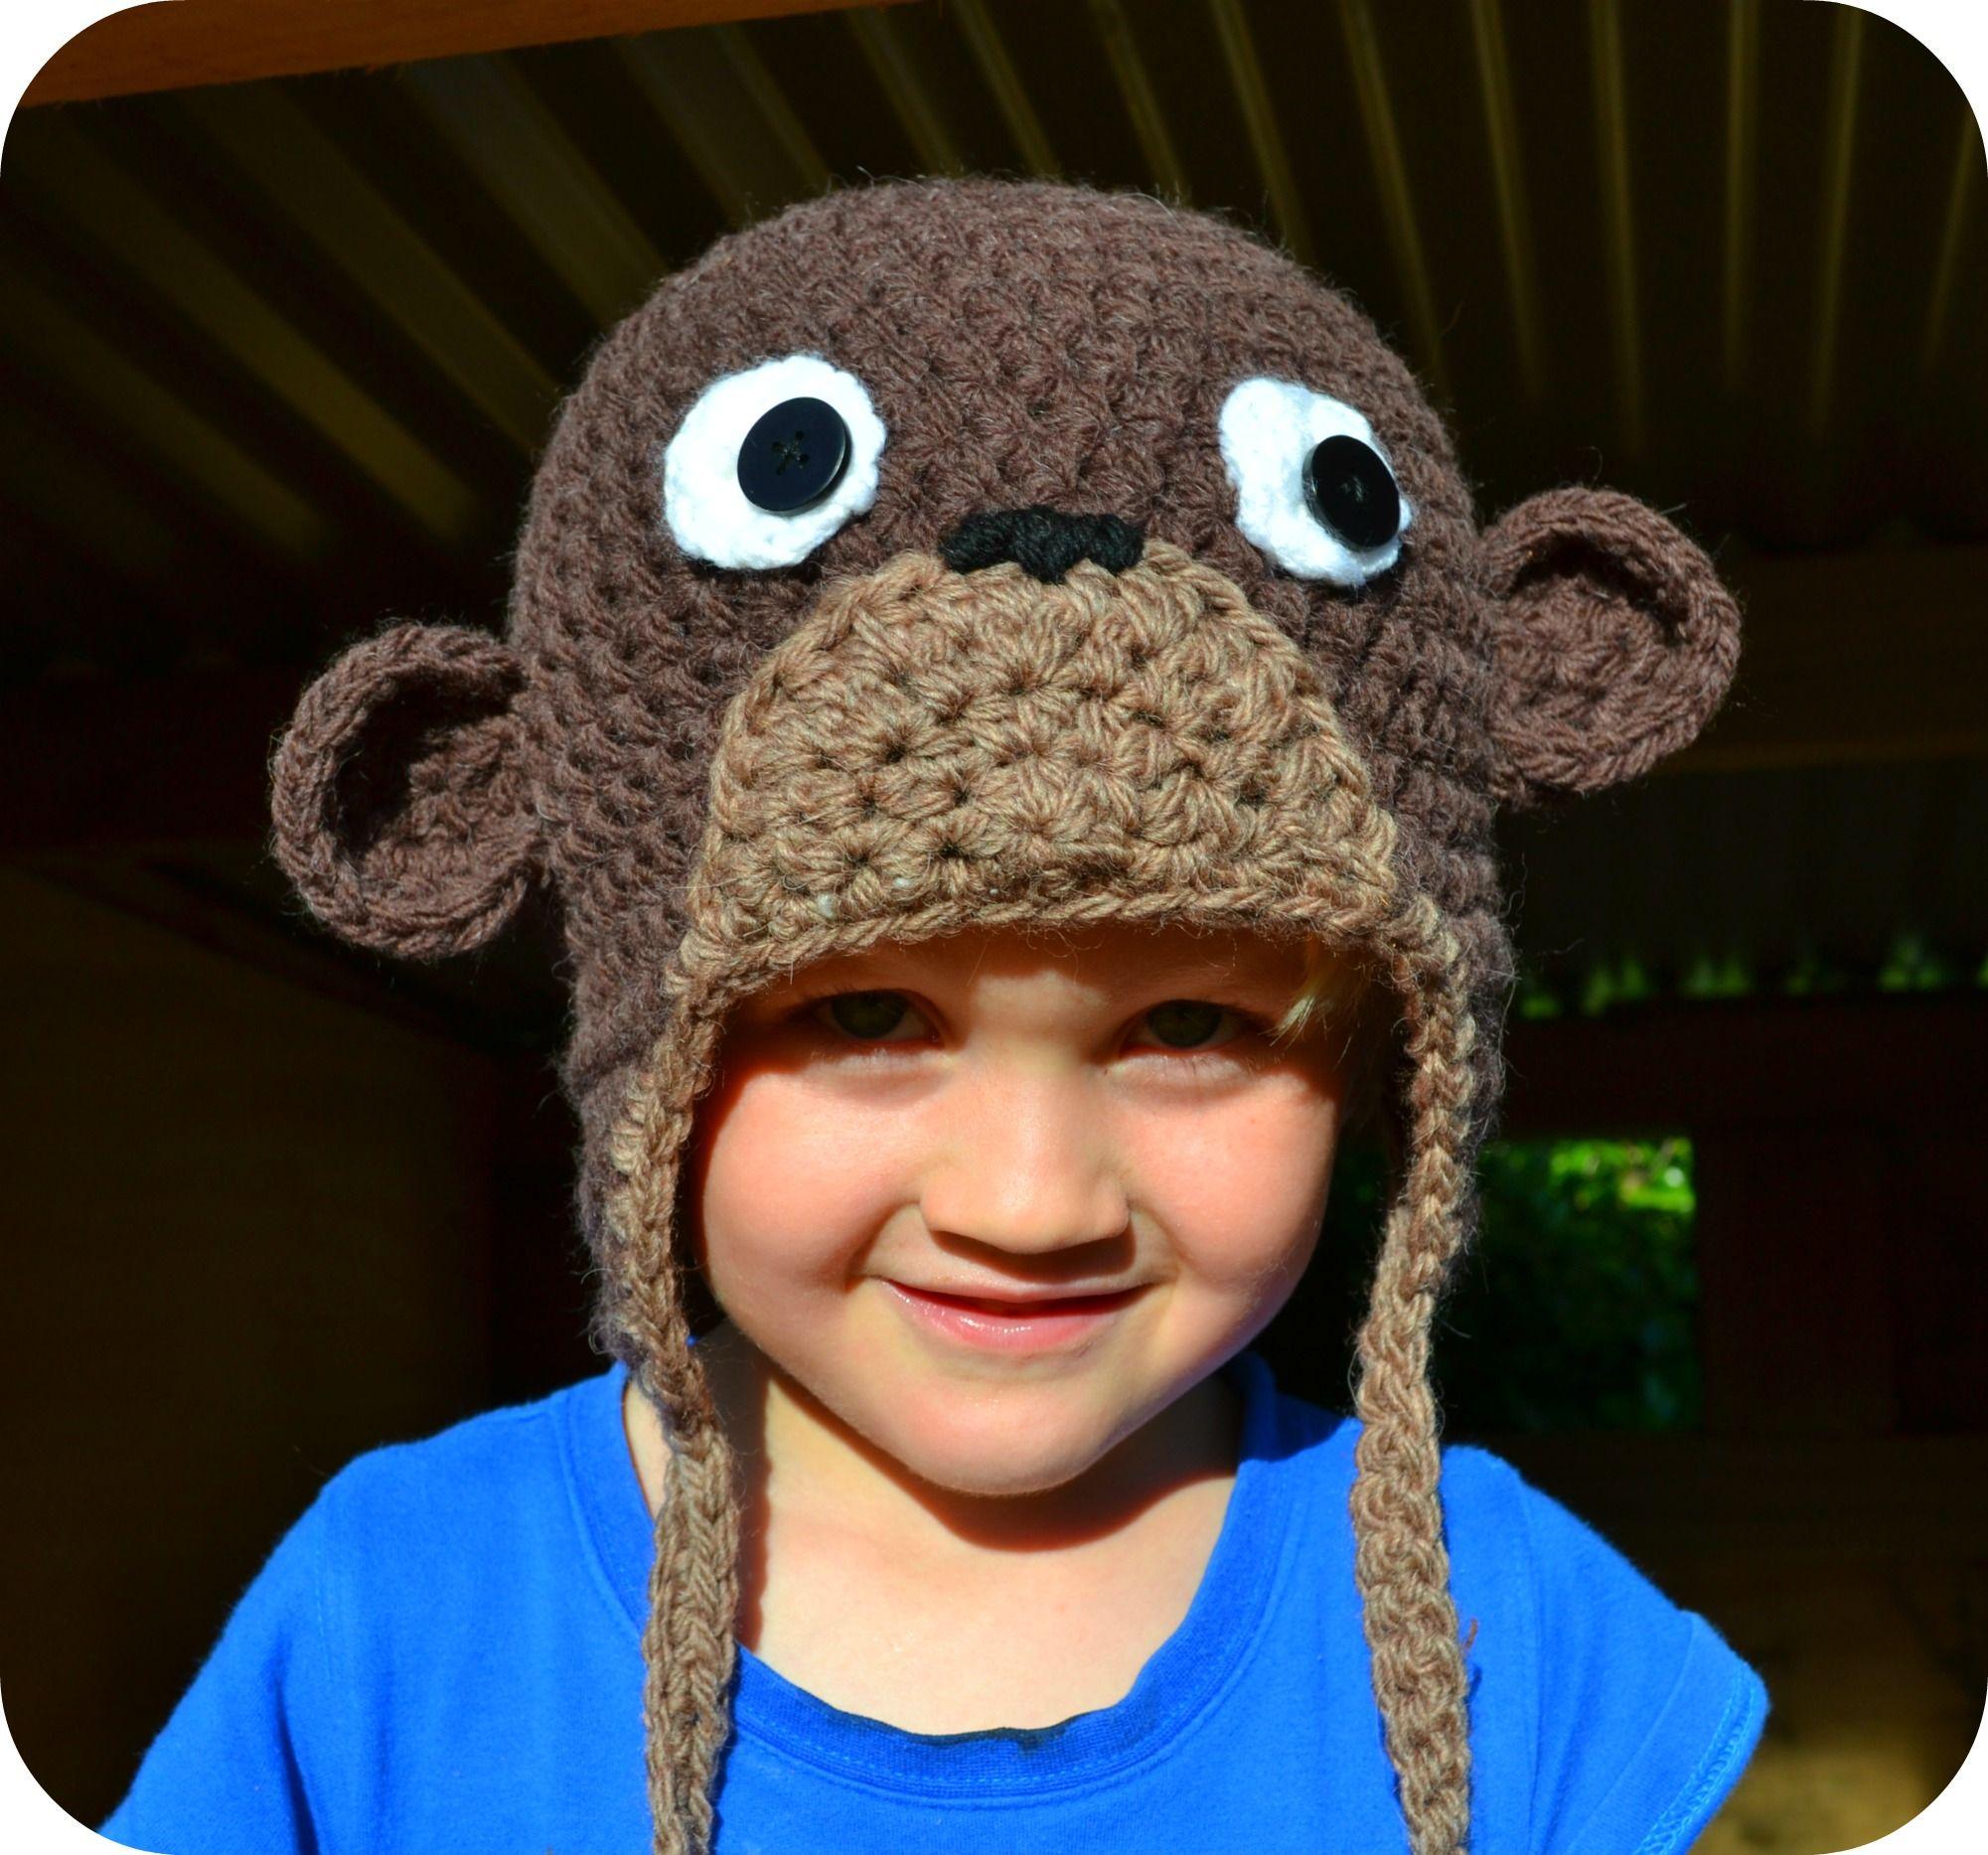 Crochet monkey hat free crochet patterns pinterest crochet cheeky little monkey hat crochet craftsfree bankloansurffo Images